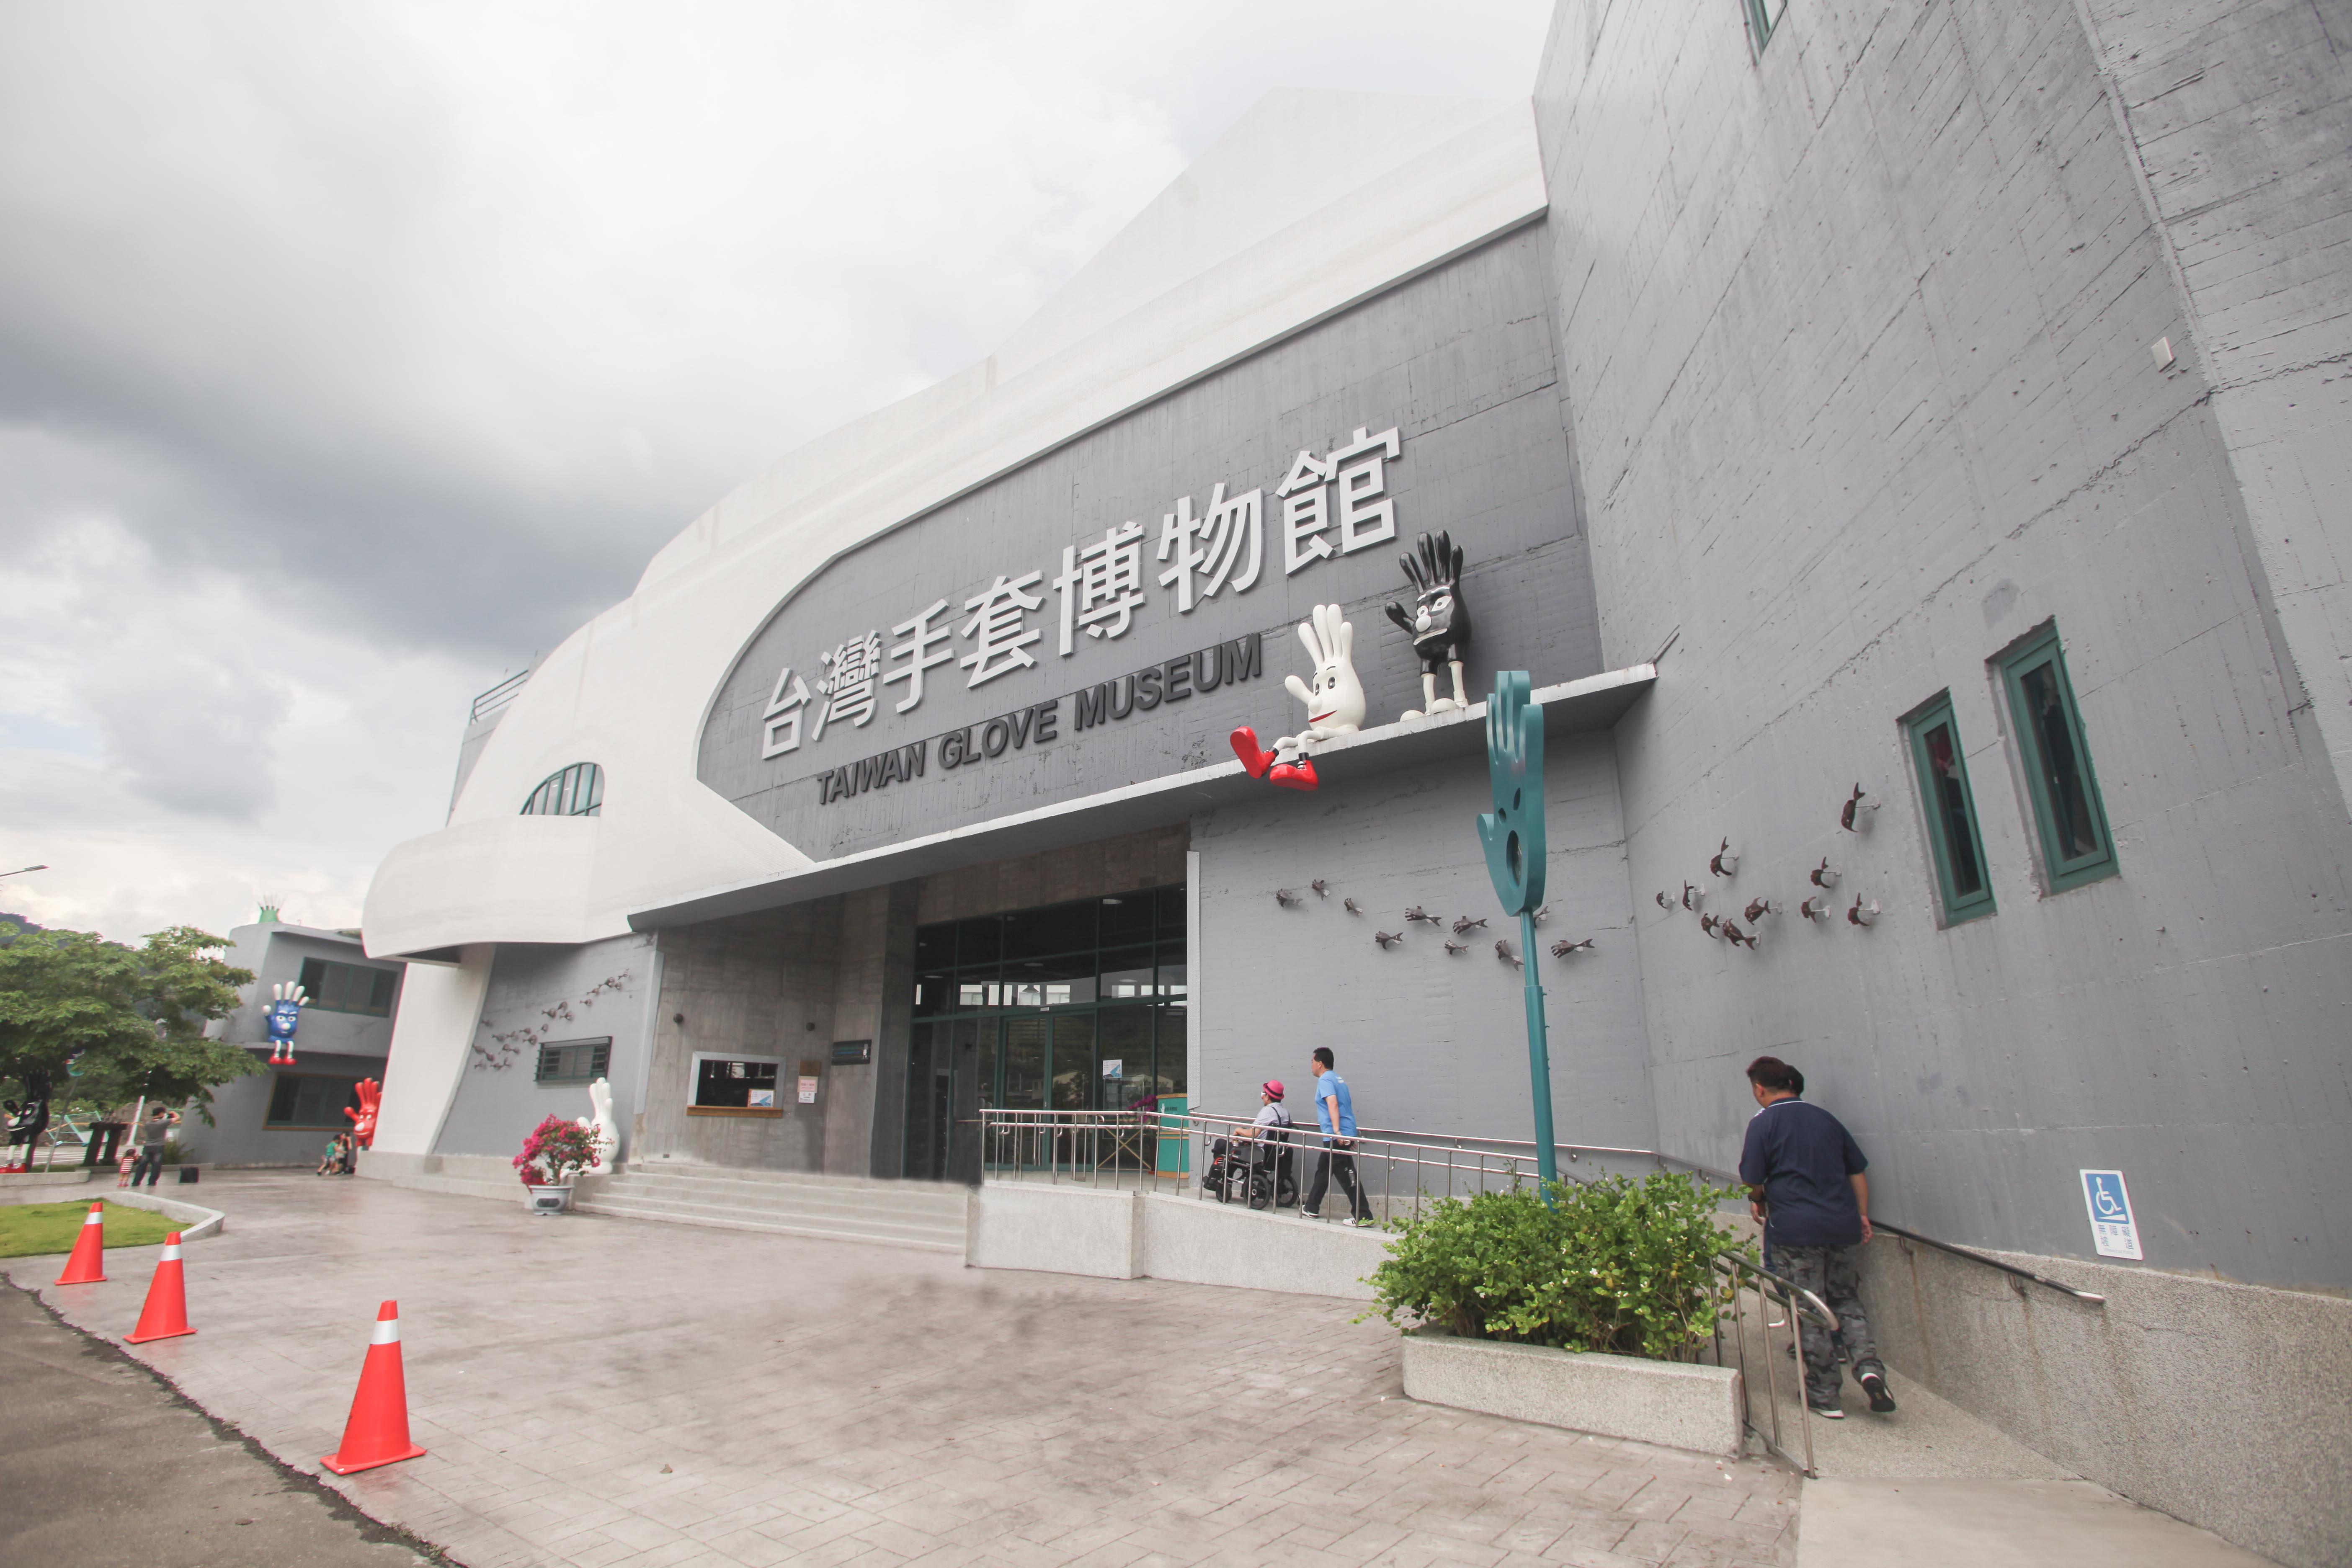 台湾手袋博物館の入り口